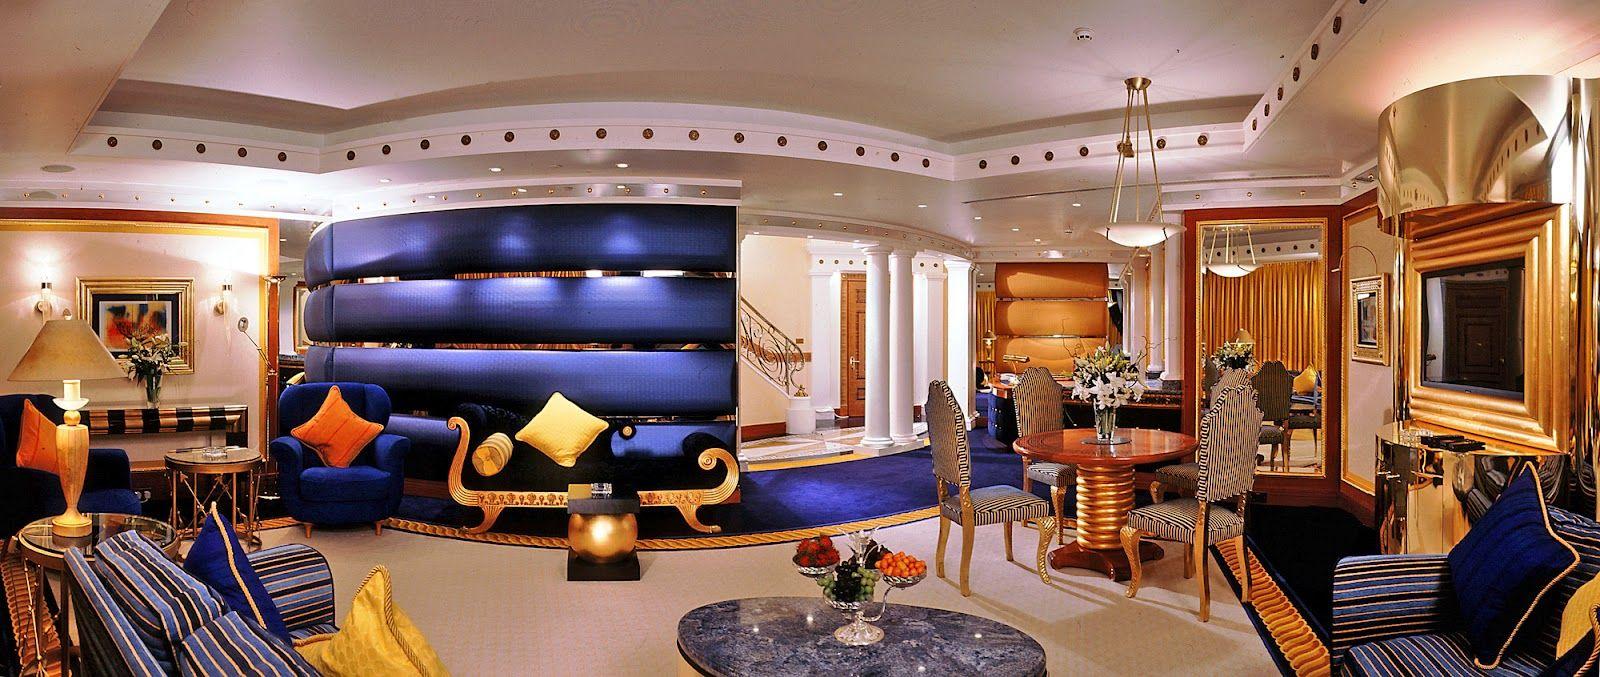 Burj Al Arab Suite Interiores De Hoteles Hoteles De Lujo Hotel